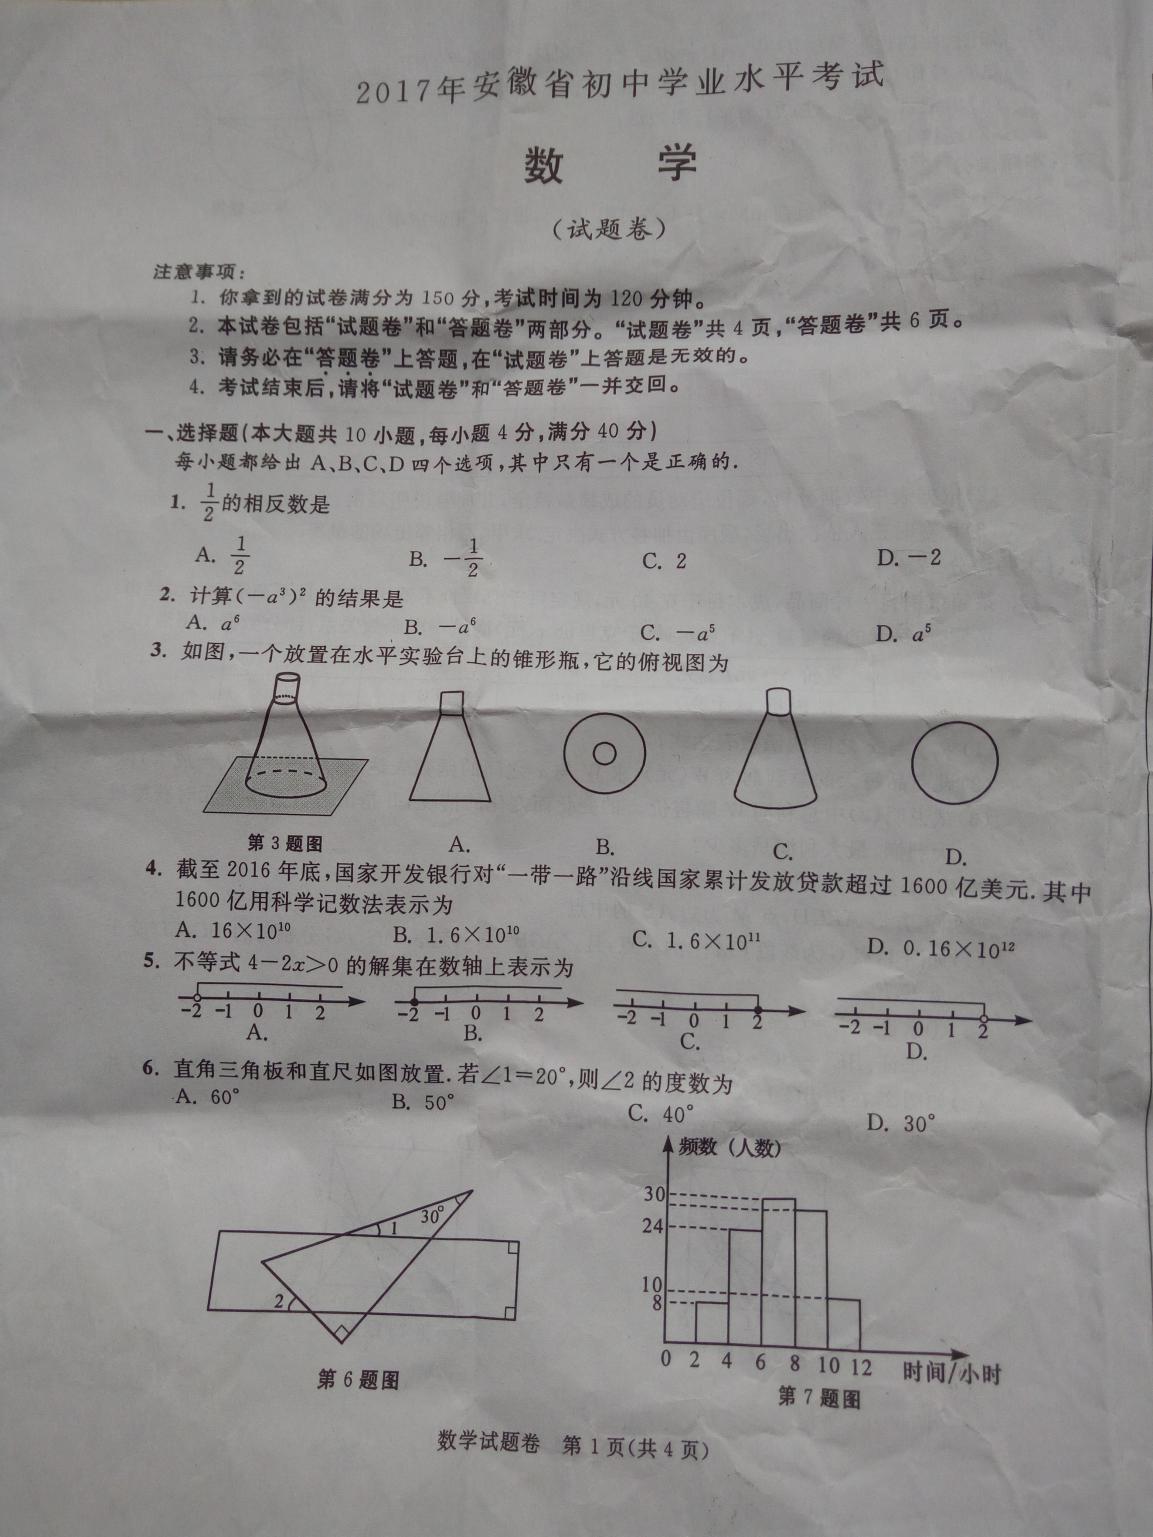 2017安徽中考数学试题及答案解析(图片版)